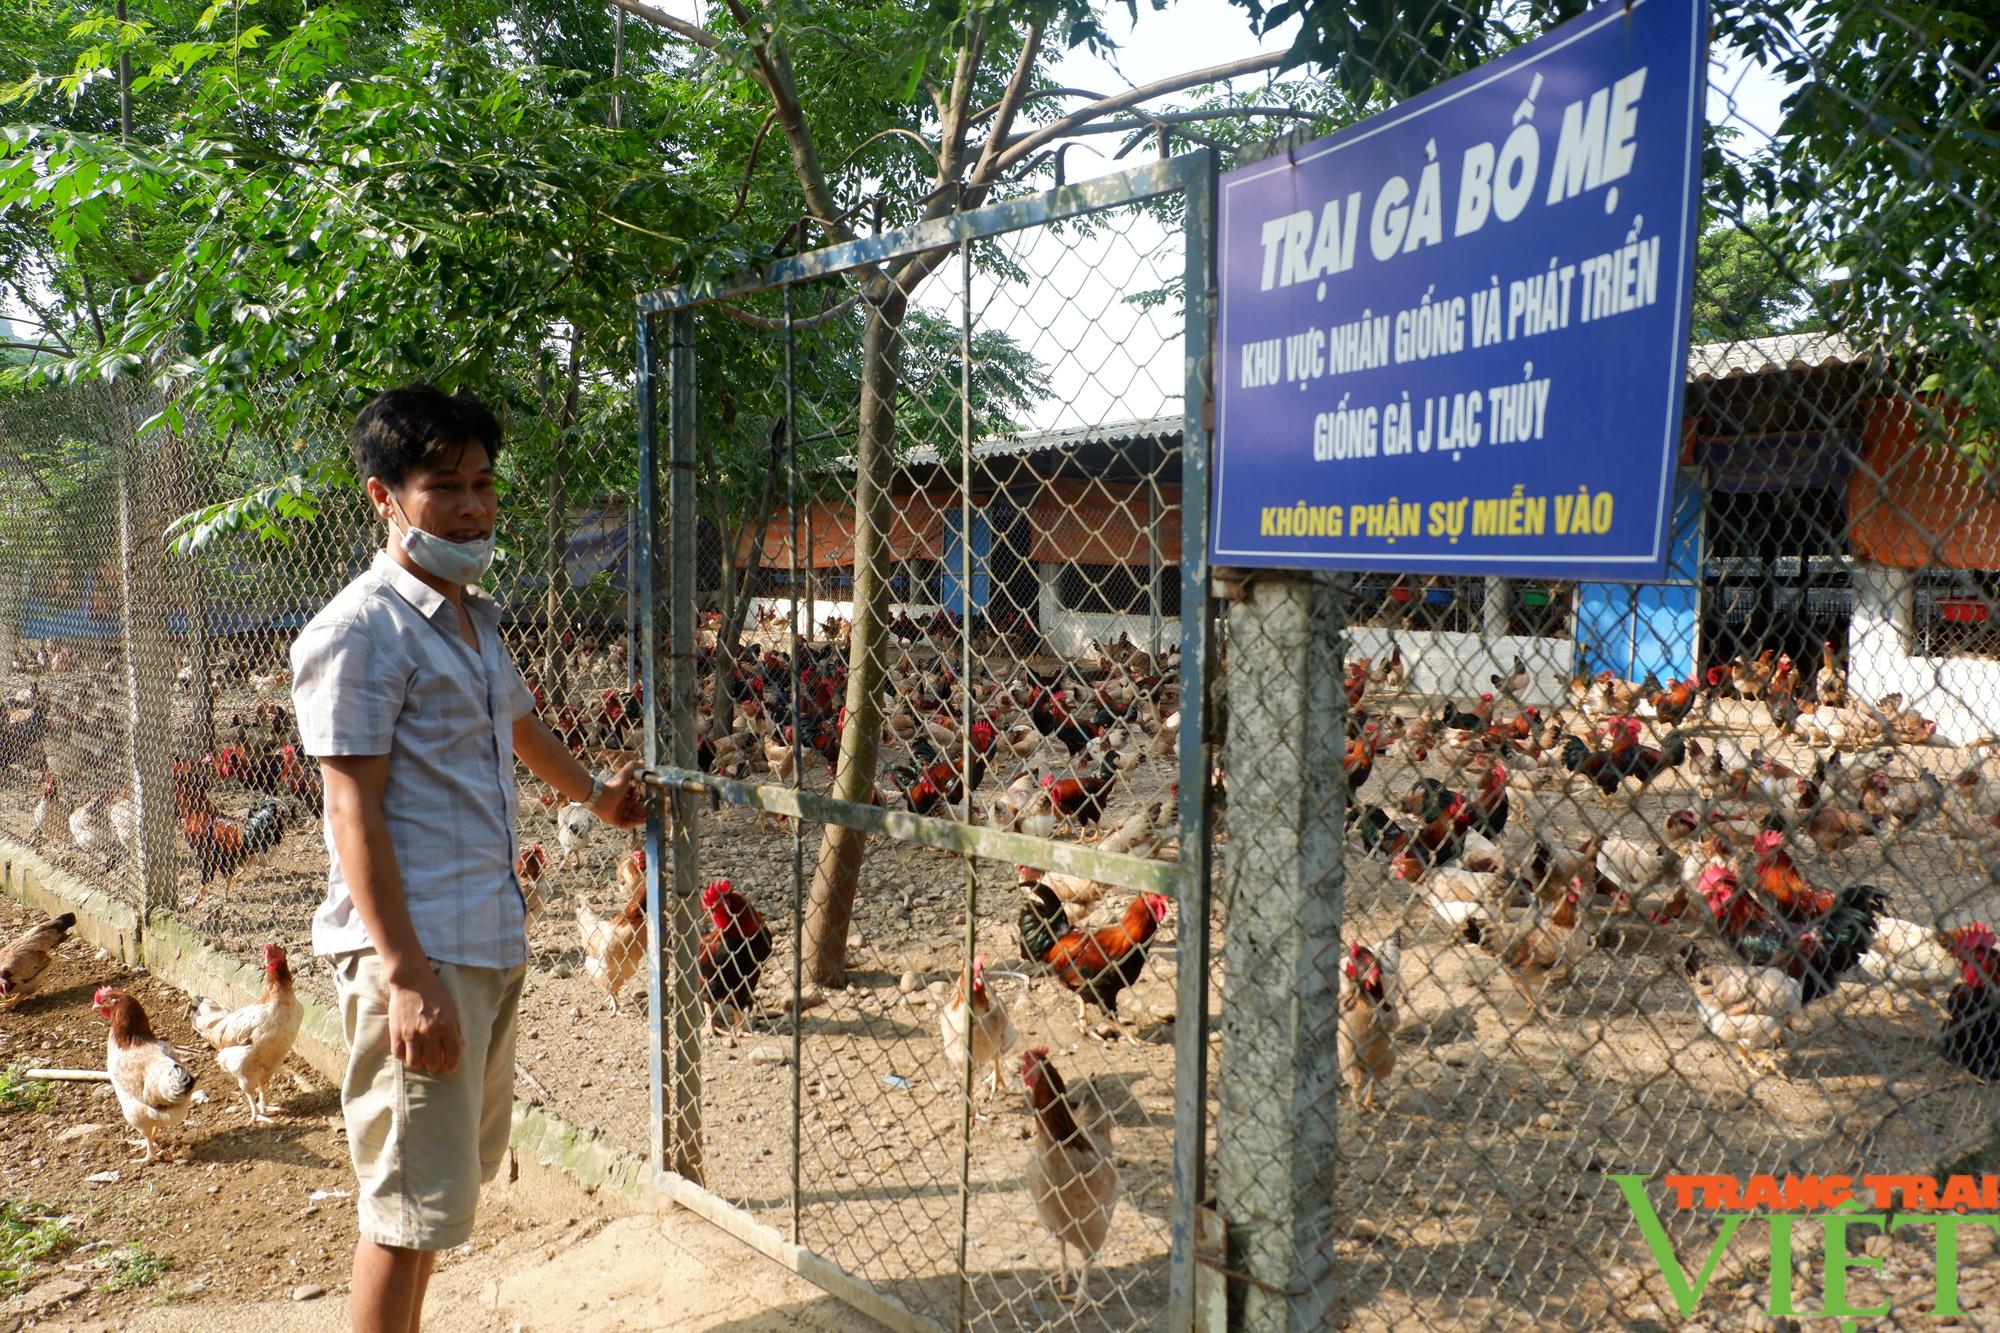 """Hòa Bình: Đệm lót sinh học là """"bí kíp"""" giúp nông dân chăn nuôi gà an toàn, thu tiền tỷ mỗi năm - Ảnh 1."""